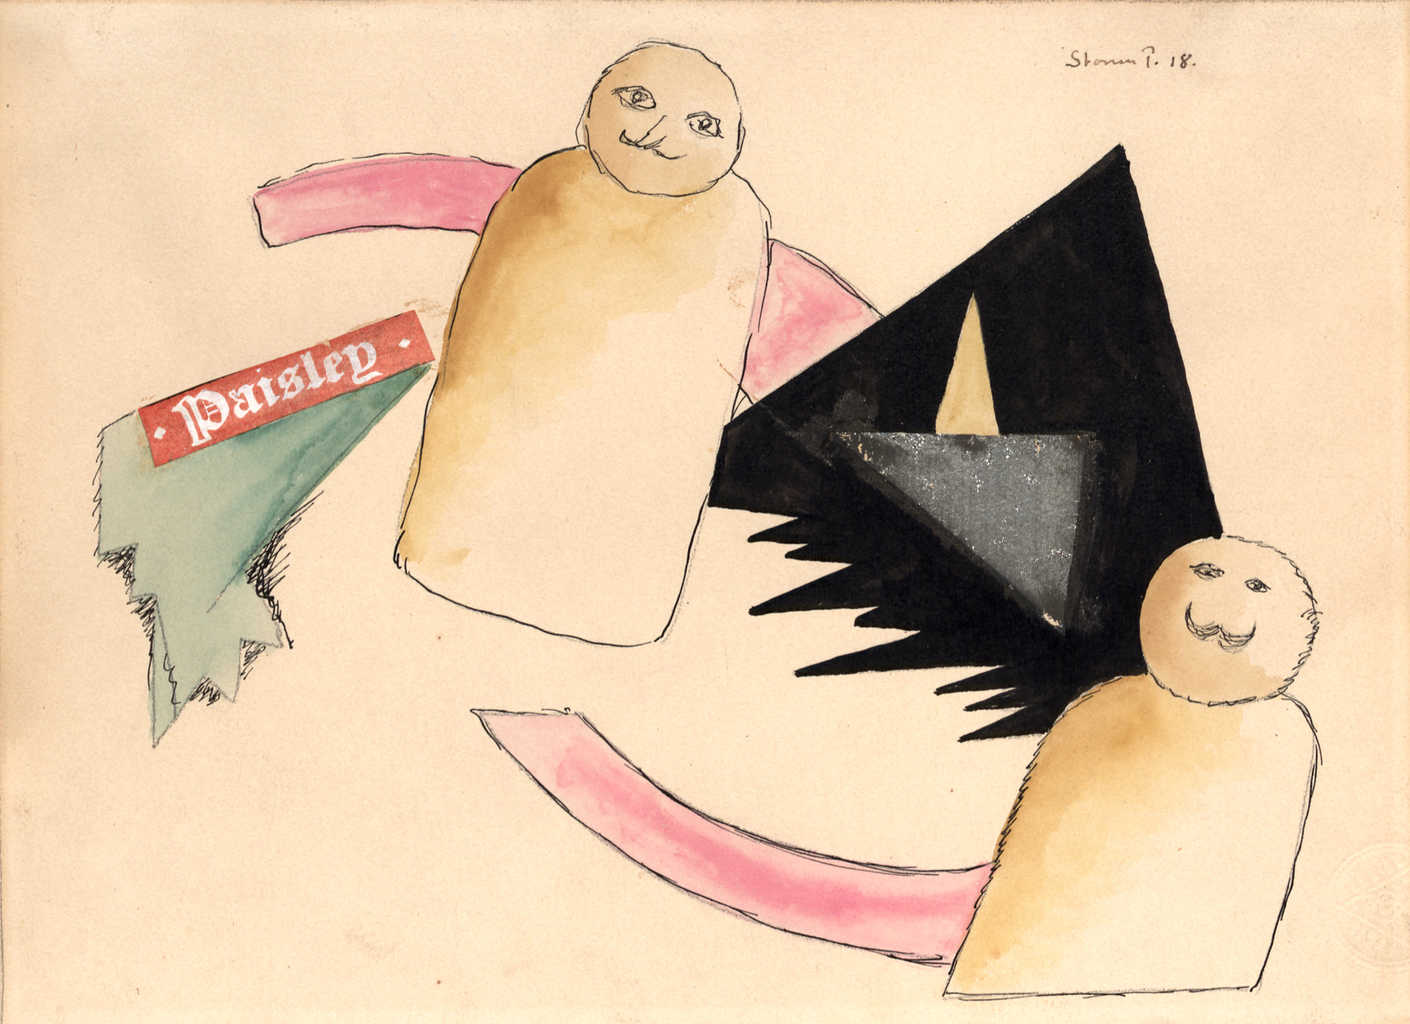 Storm P. lidt a la Kandinsky og Klee.